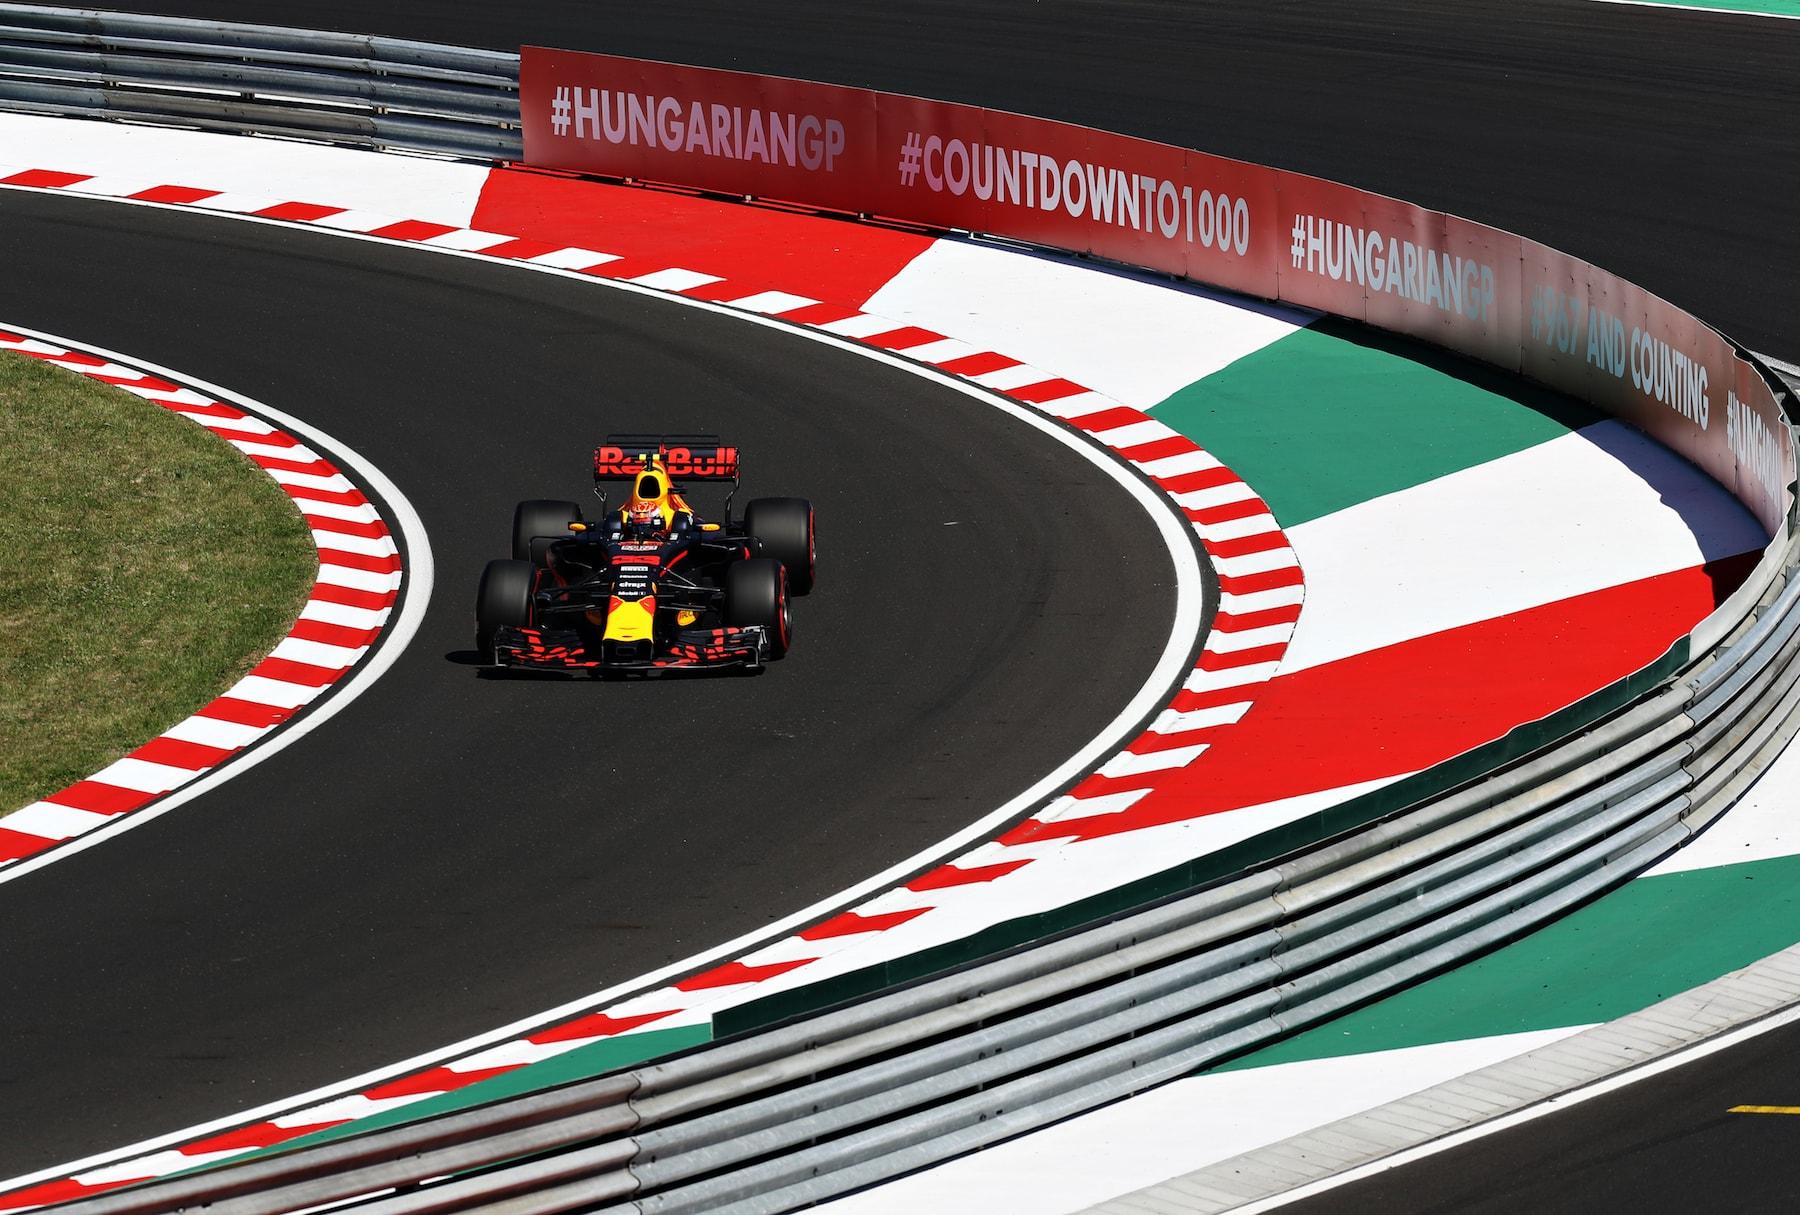 2017 Max Verstappen | Red Bull RB13 | 2017 Hungarian GP Q3 P5 1 copy.jpg